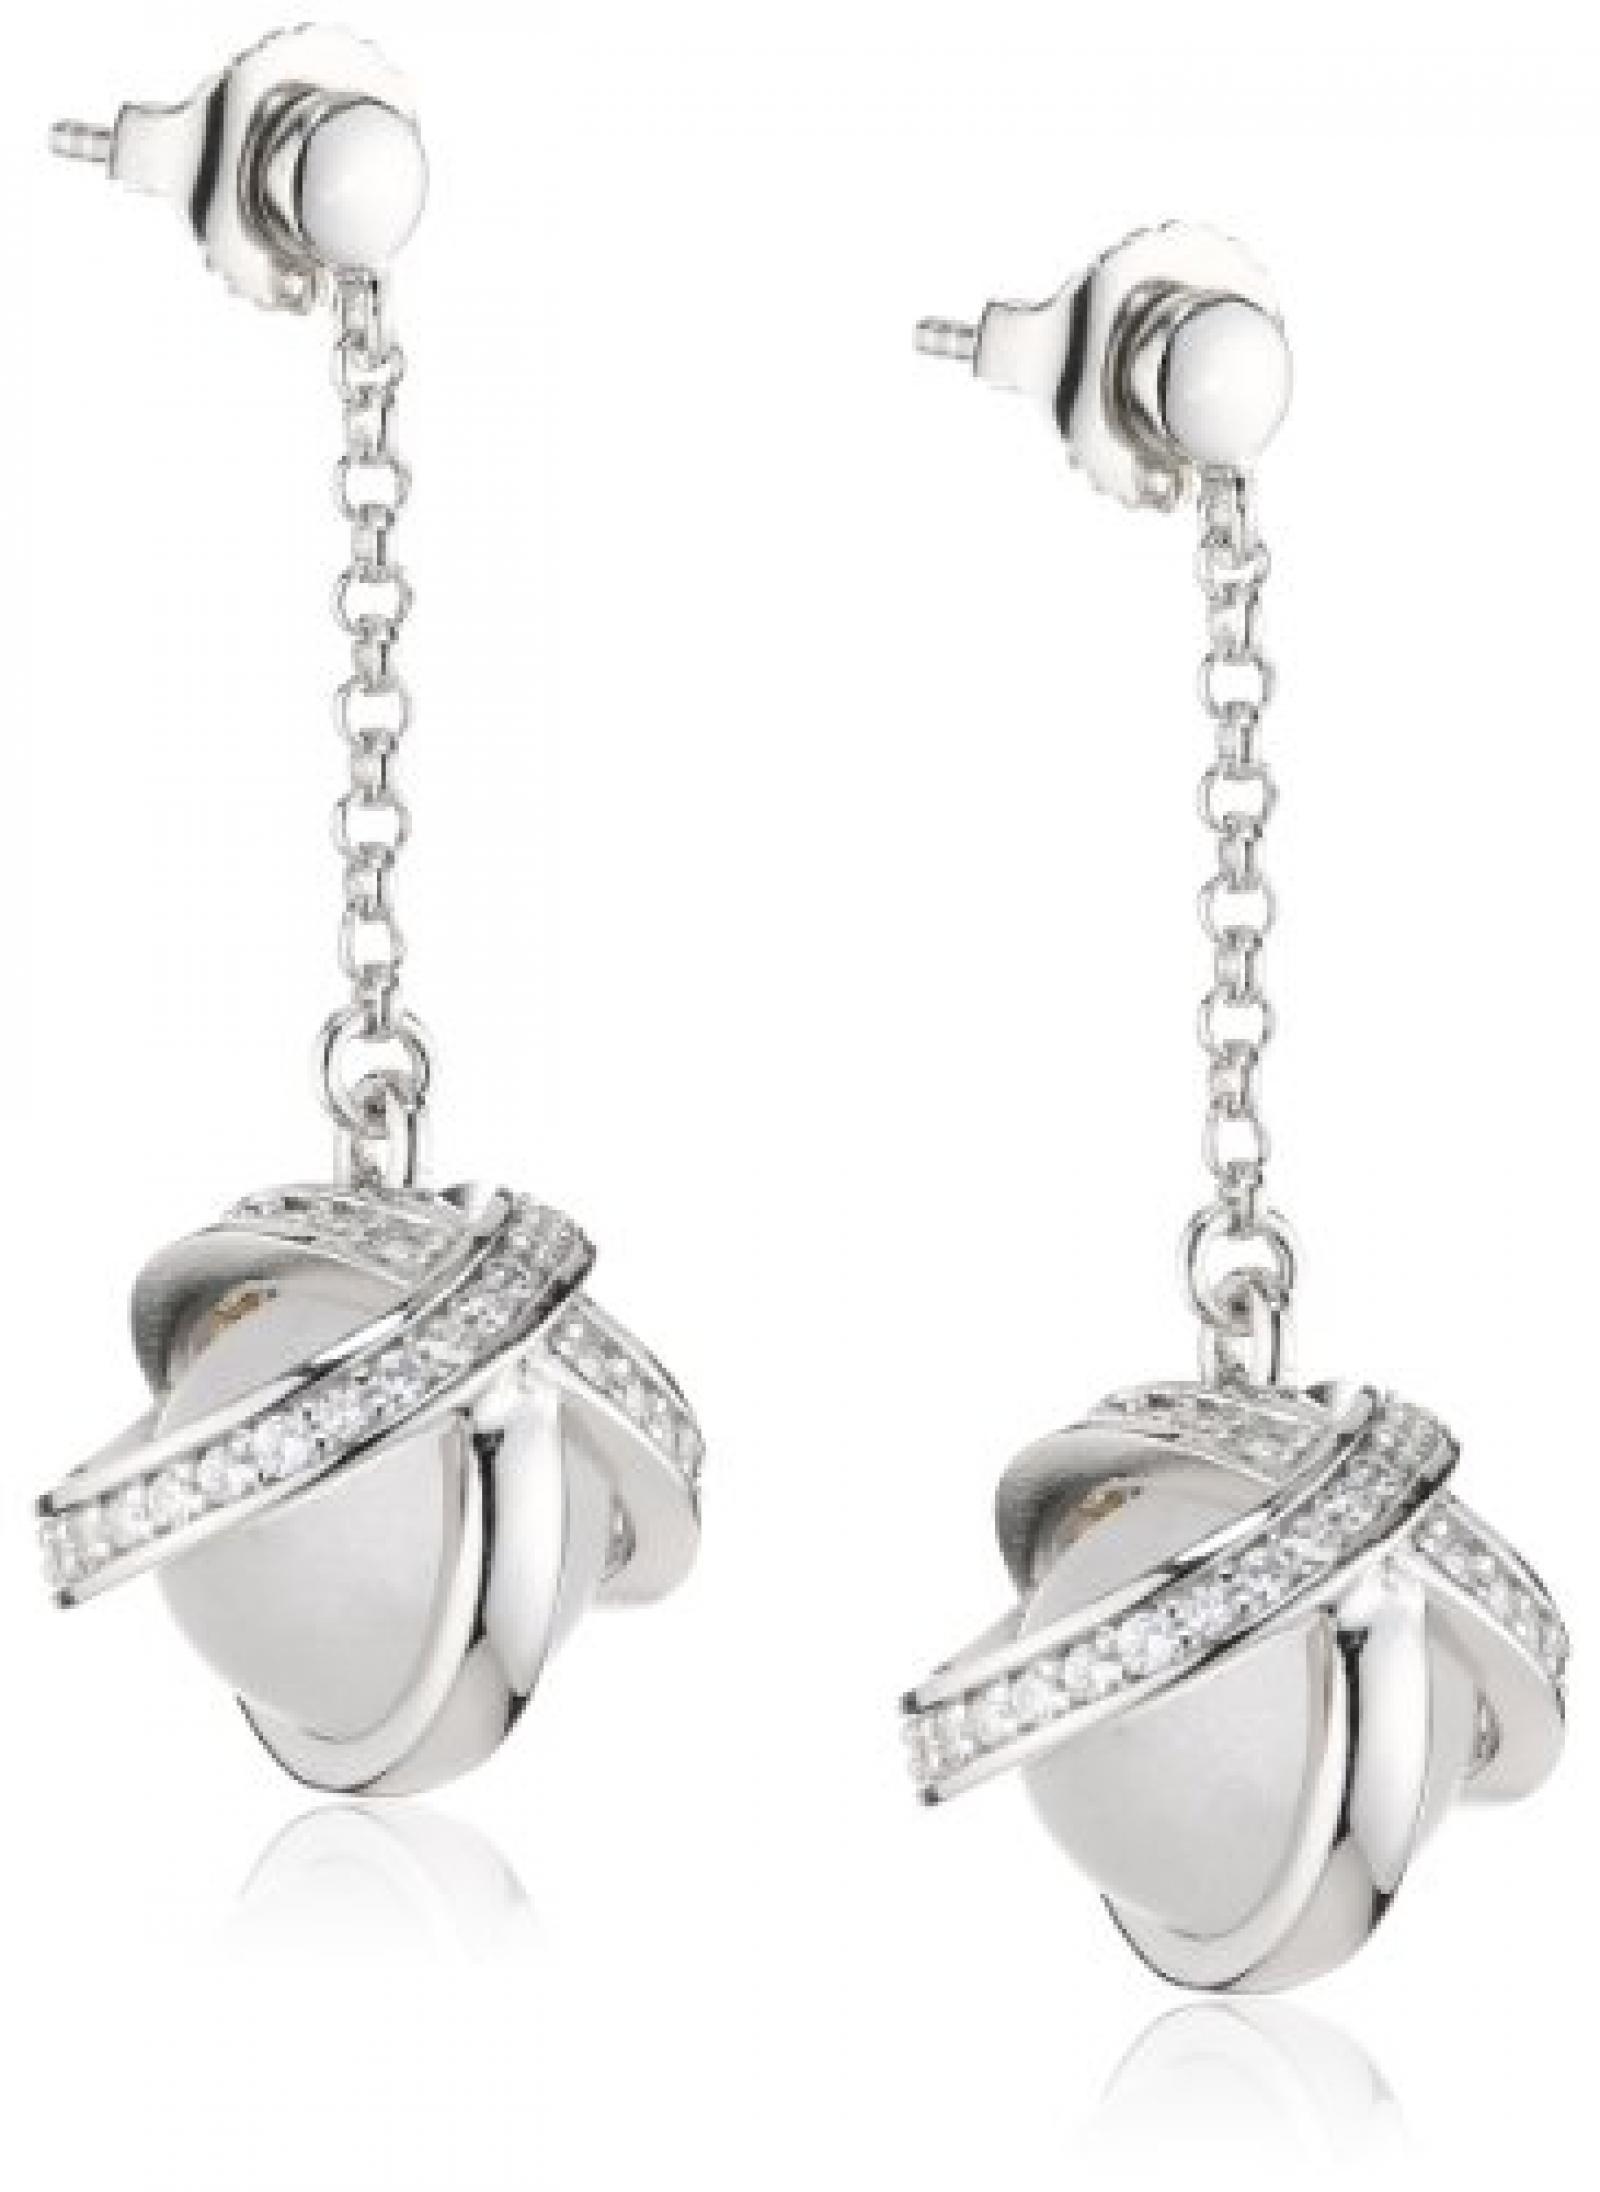 Pierre Cardin Damen-Ohrstecker 925 Sterling Silber rhodiniert Kristall Zirkonia Douce volupté weiß PCER90208B000